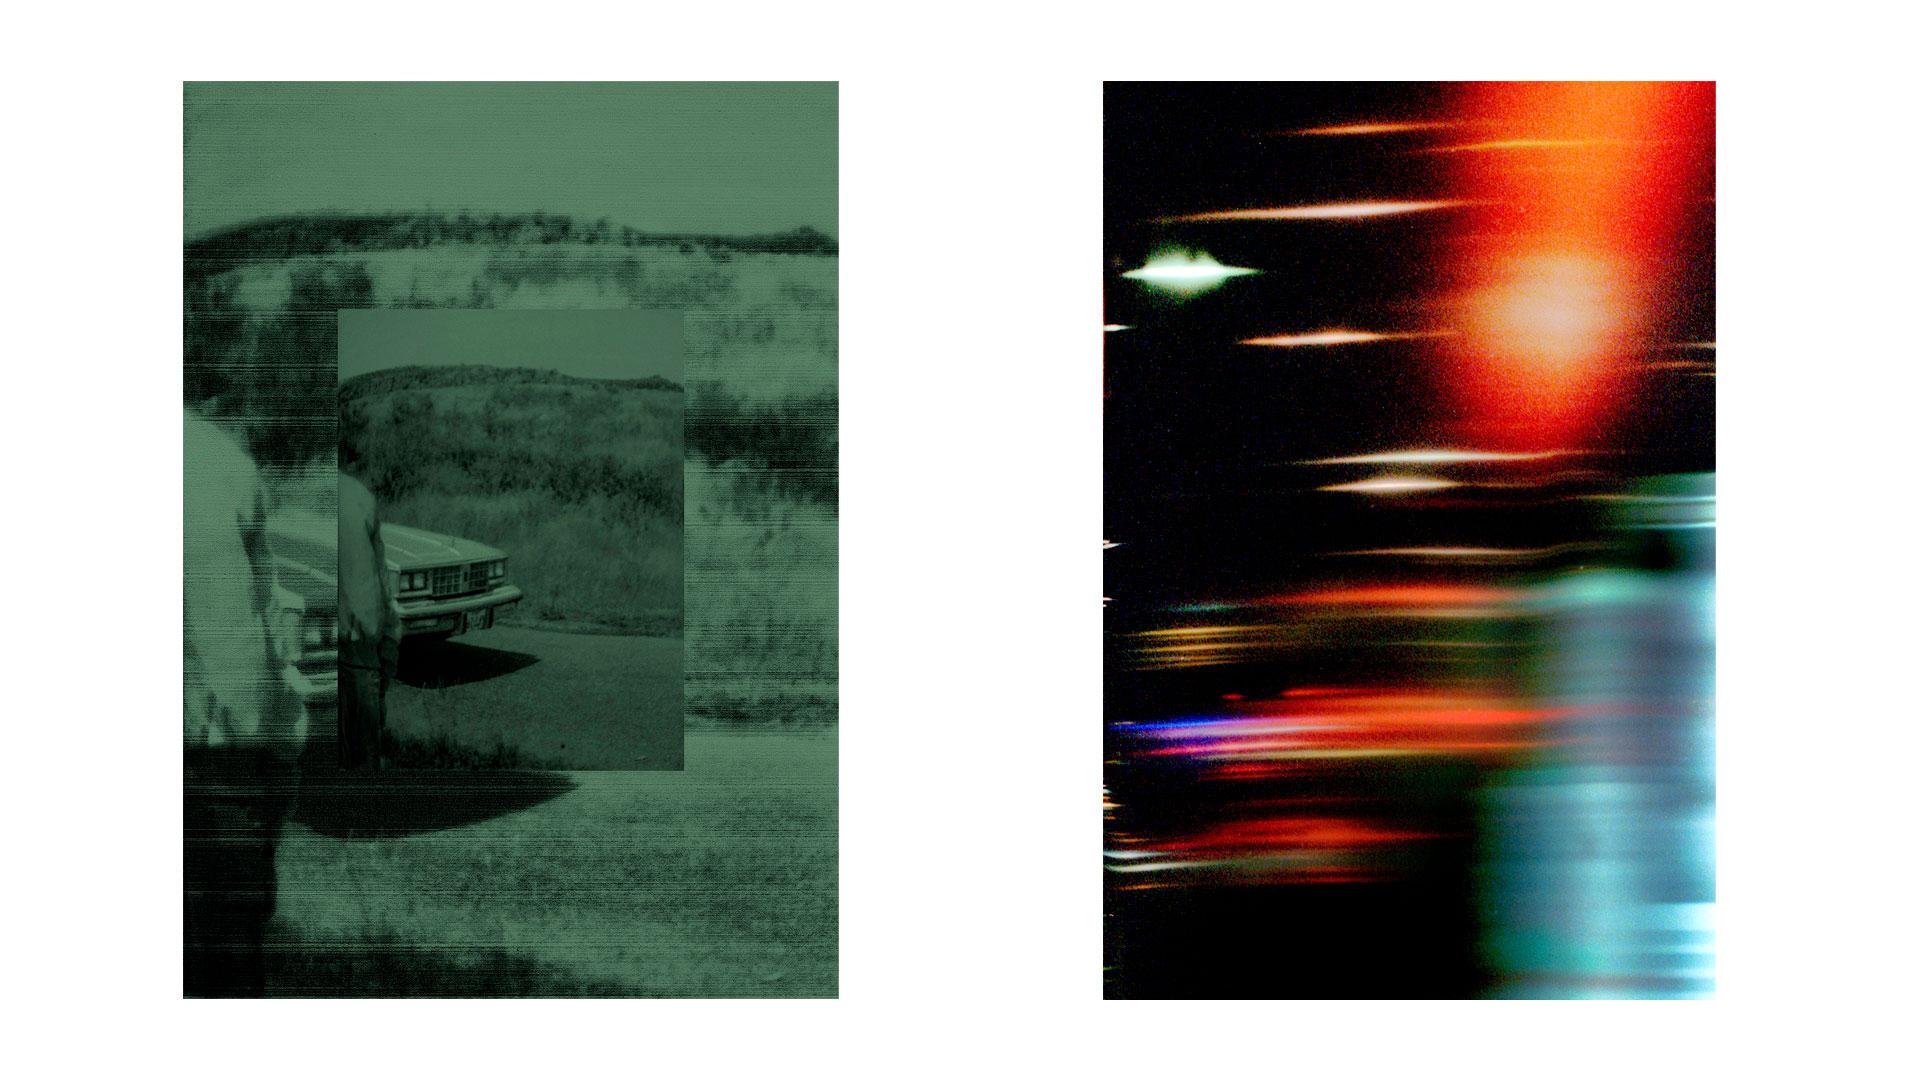 Imágenes de la exposición Futures Photography 2021